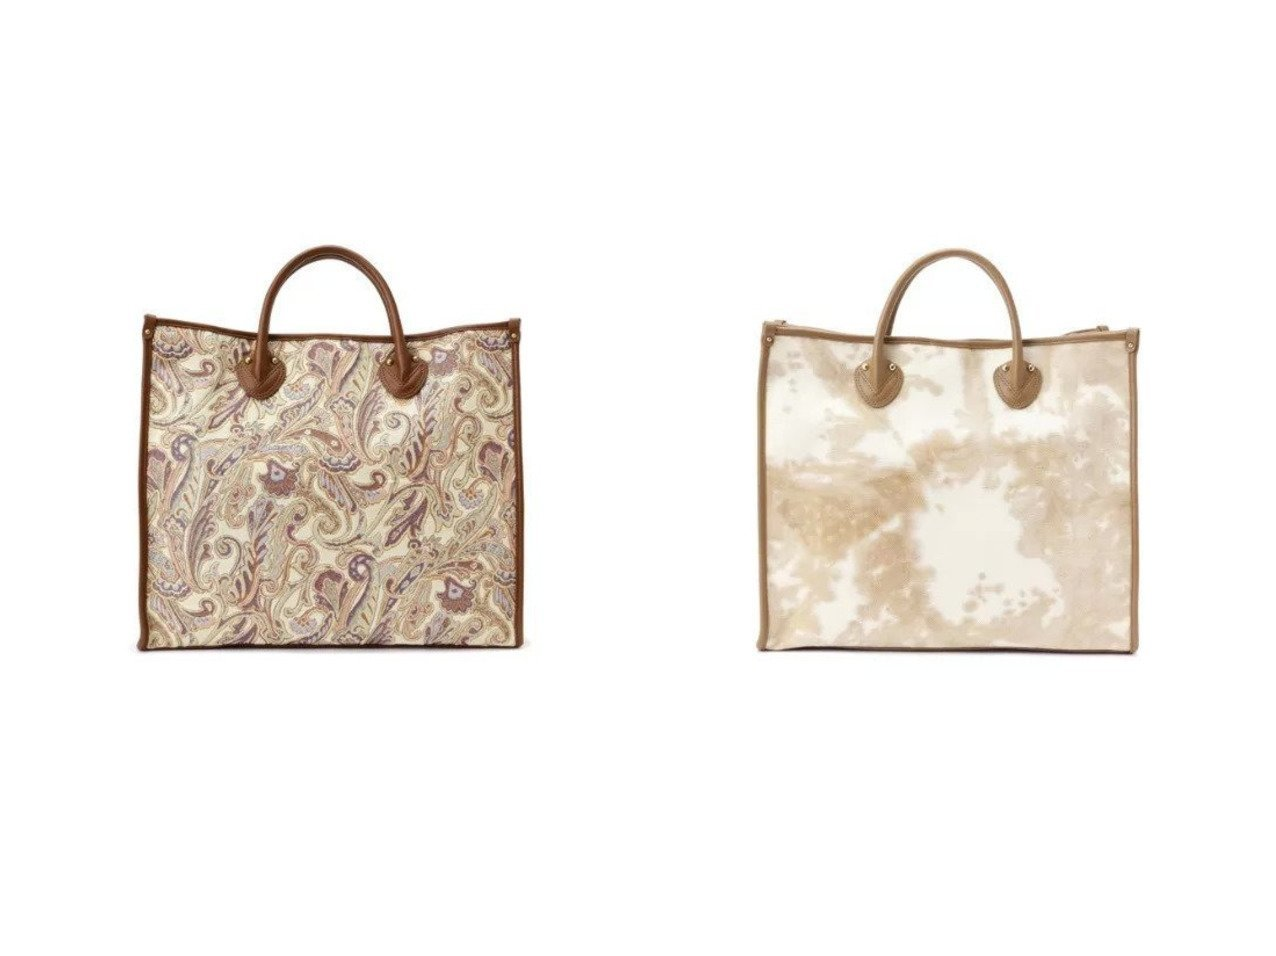 【FREE'S MART/フリーズマート】のマルチワイドトート21ss バッグ・鞄のおすすめ!人気、トレンド・レディースファッションの通販 おすすめで人気の流行・トレンド、ファッションの通販商品 メンズファッション・キッズファッション・インテリア・家具・レディースファッション・服の通販 founy(ファニー) https://founy.com/ ファッション Fashion レディースファッション WOMEN バッグ Bag 2021年 2021 2021 春夏 S/S SS Spring/Summer 2021 S/S 春夏 SS Spring/Summer ショルダー ポケット |ID:crp329100000016327